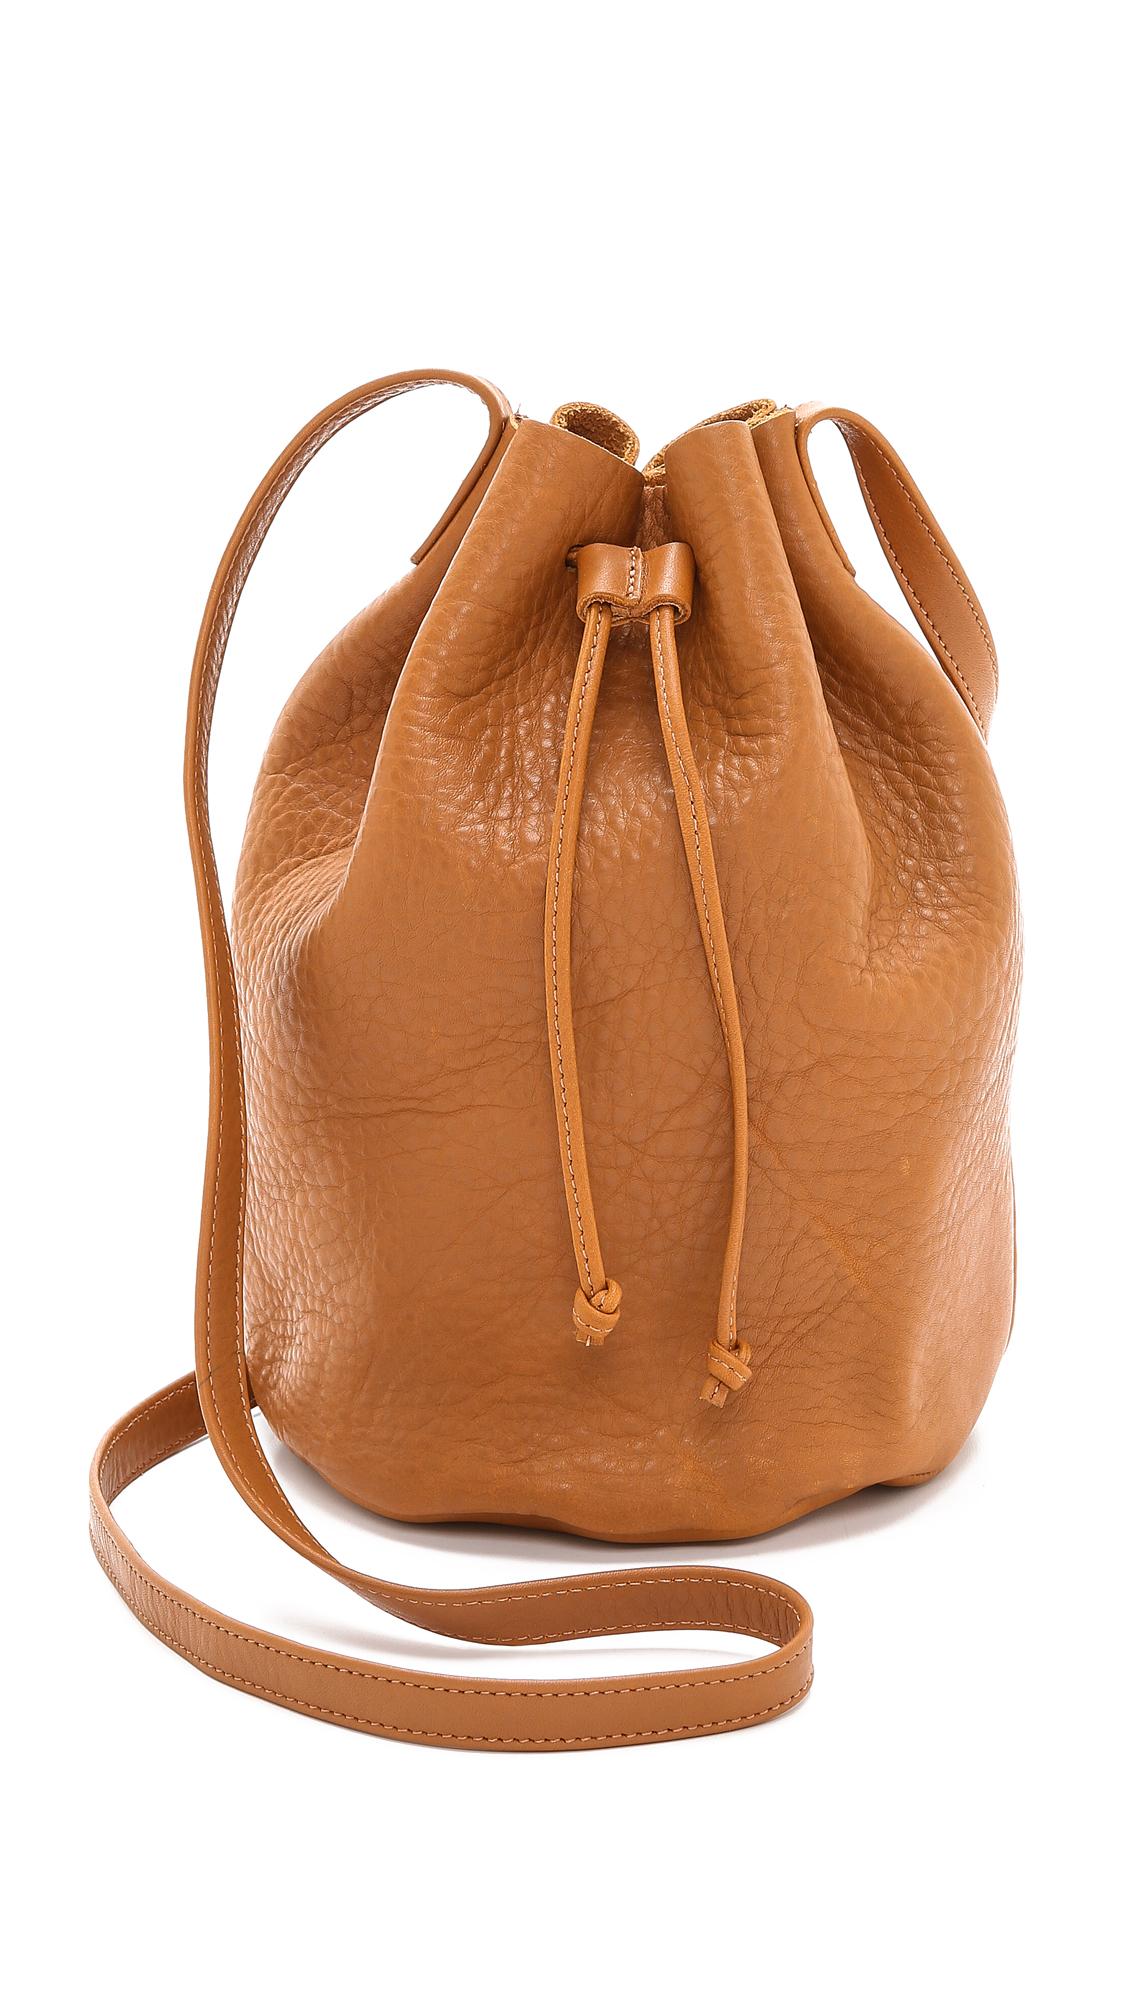 Модные женские сумки 320 фото стильных сумок